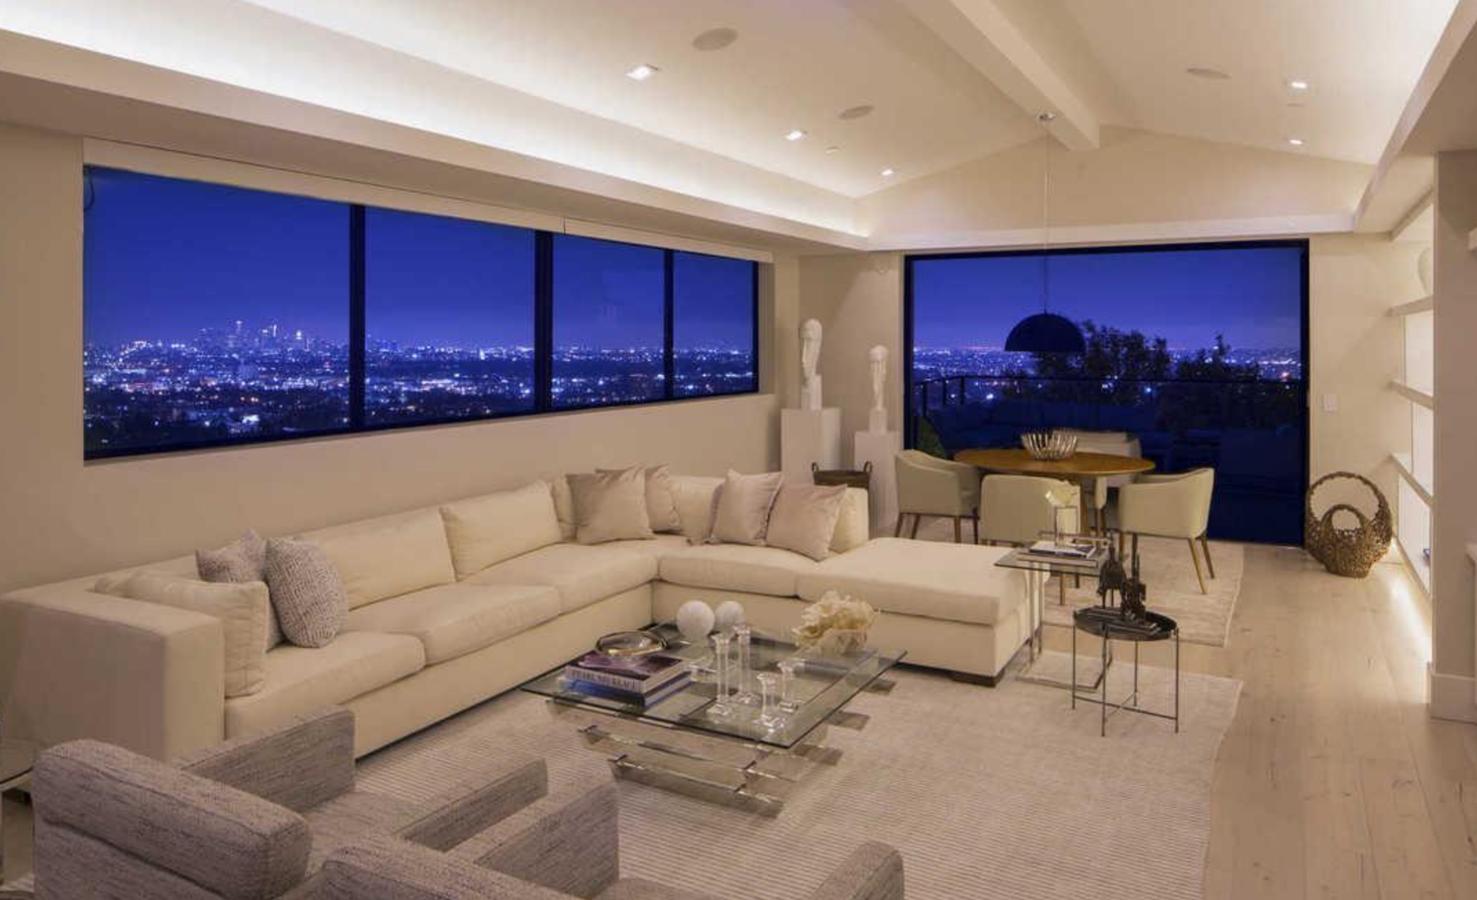 Salon con vistas de la casa de Demi Lovato en Los Angeles. Un salón comedor con vistas